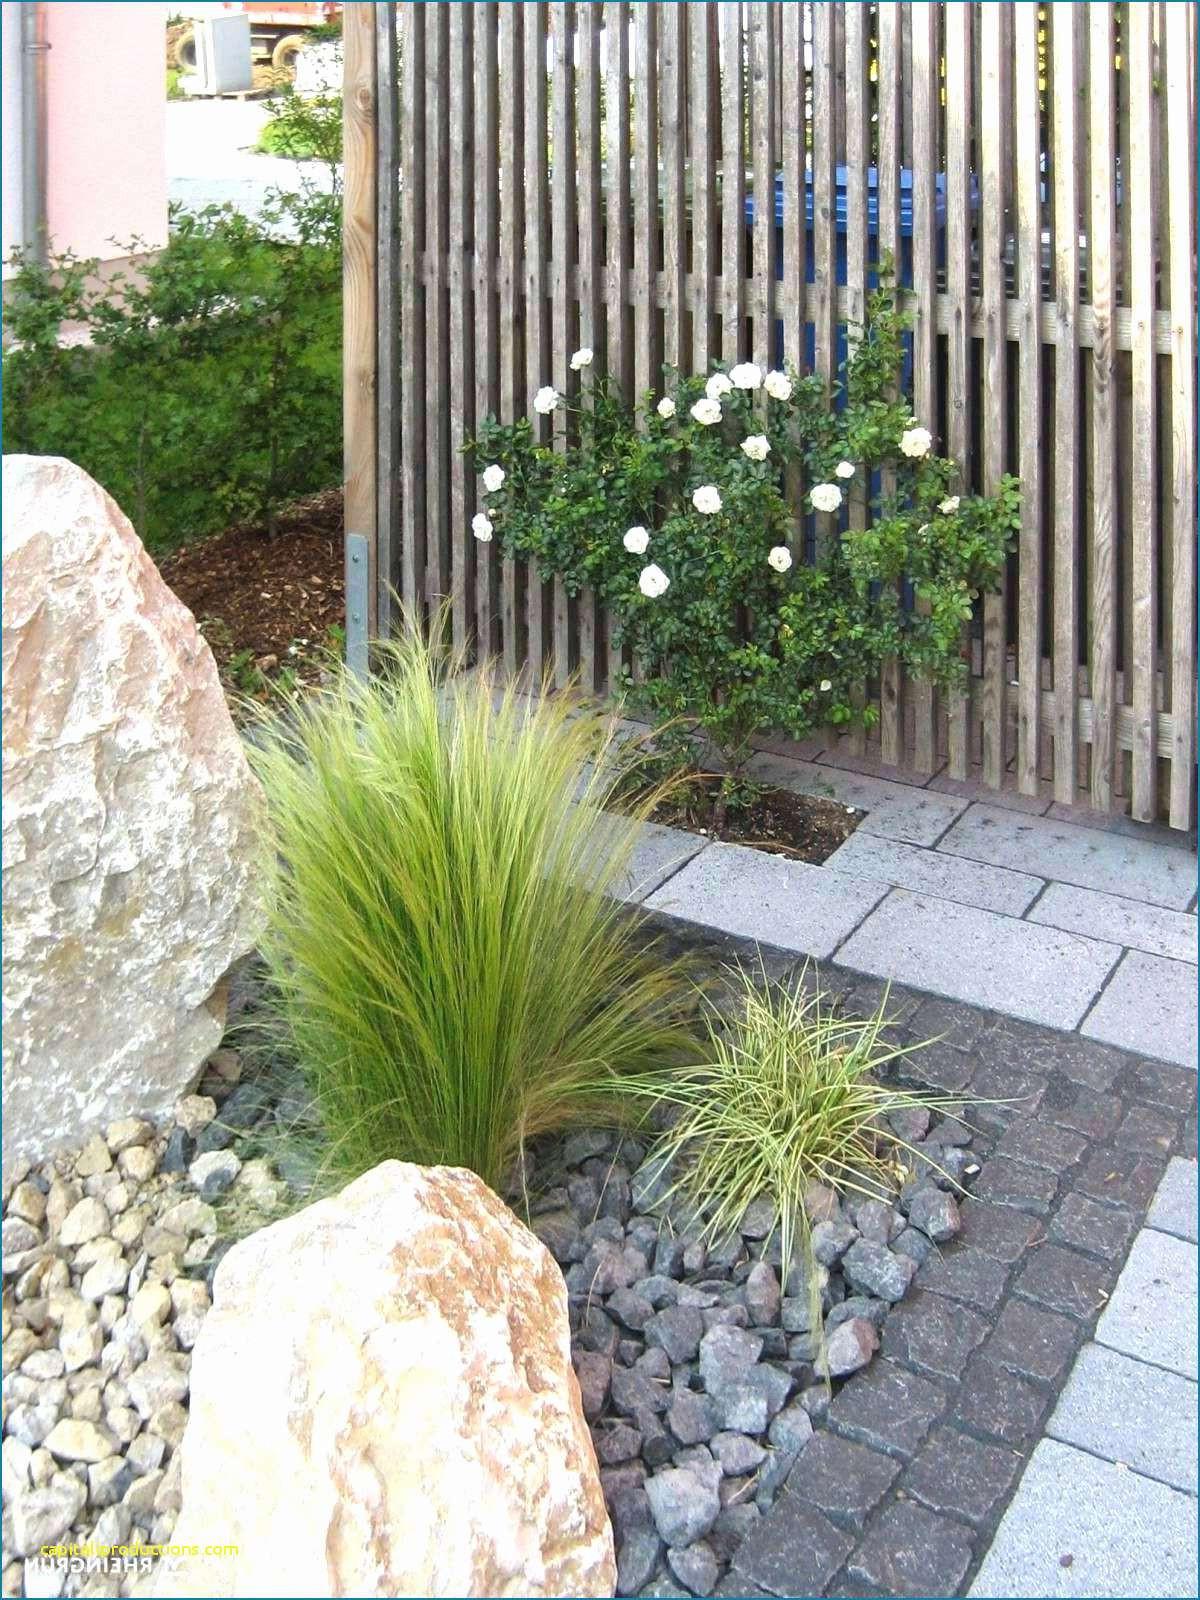 Garten Beispiele Elegant Garten Mit Blumen Gestalten Garten Gestalten Mit Wenig Geld